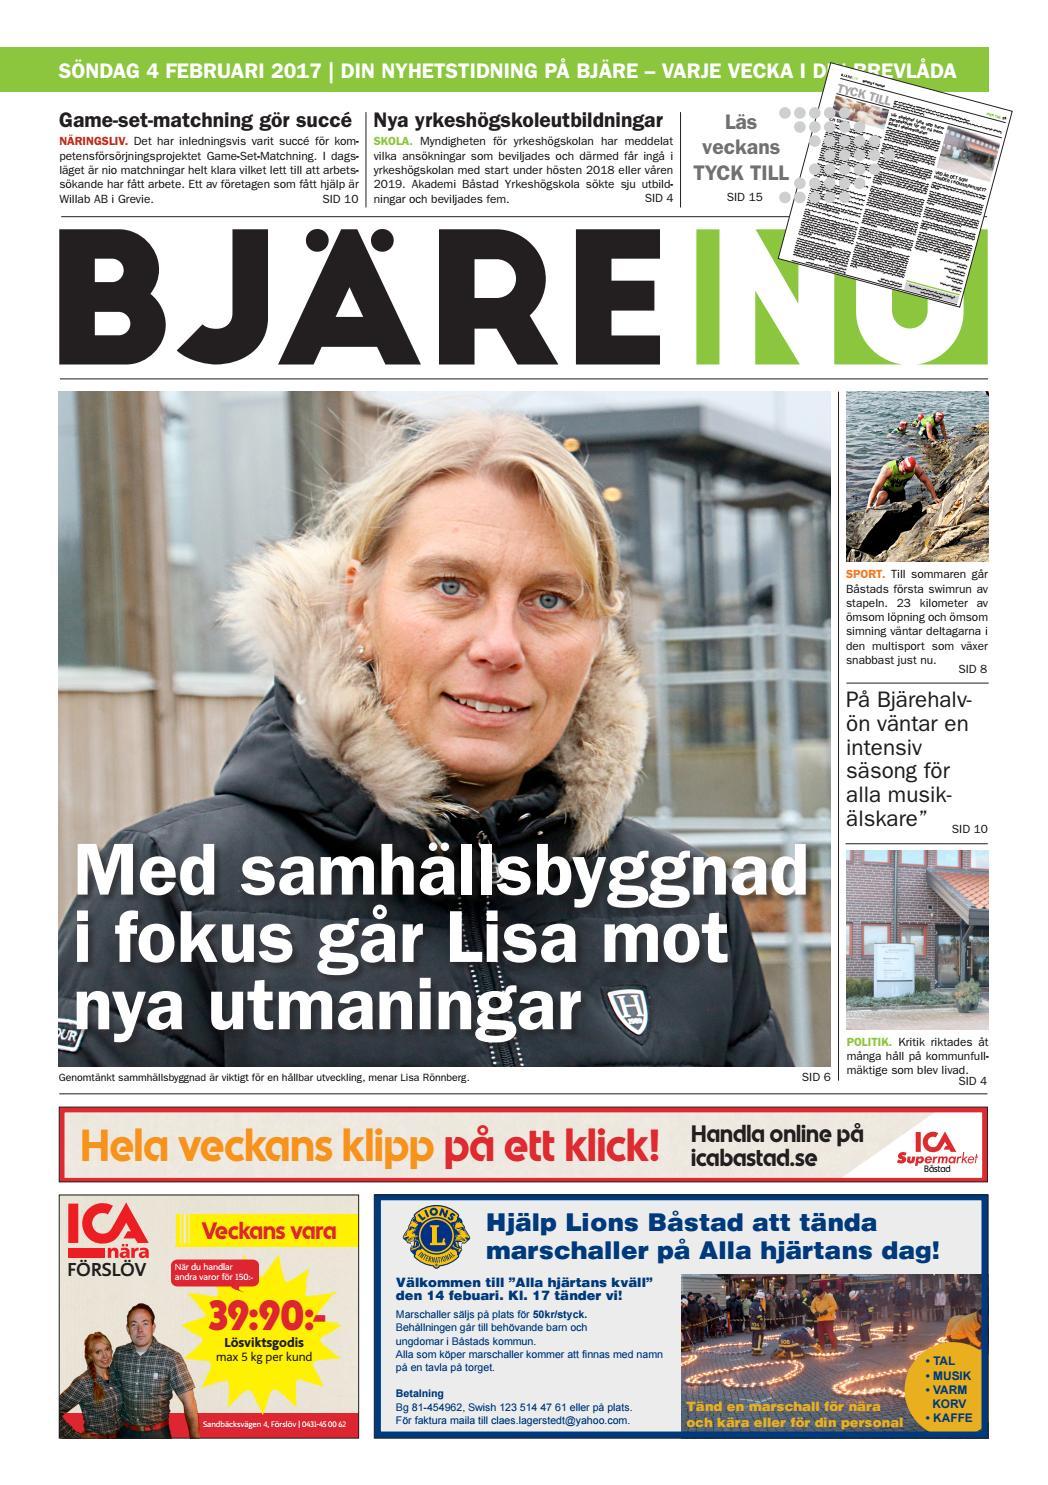 Pr Ola Berg, Rrvngsvgen 6, Frslv   redteksystems.net